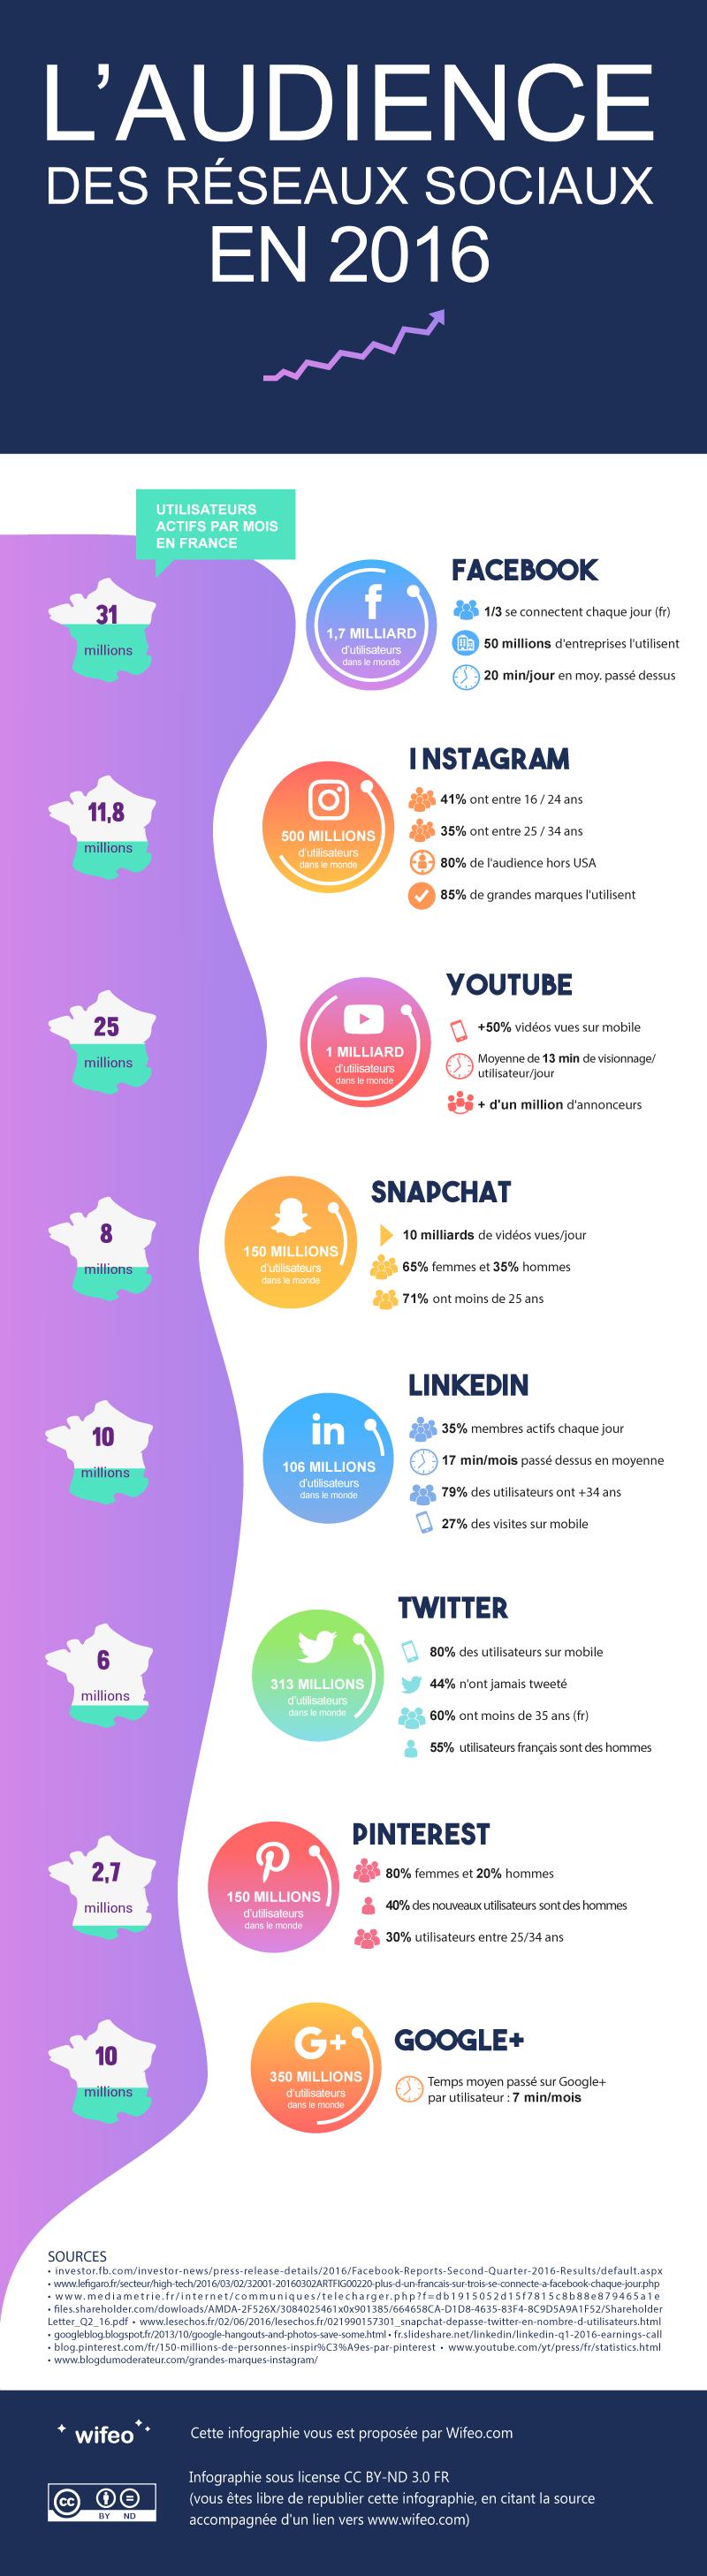 L'audience des réseaux sociaux en 2016